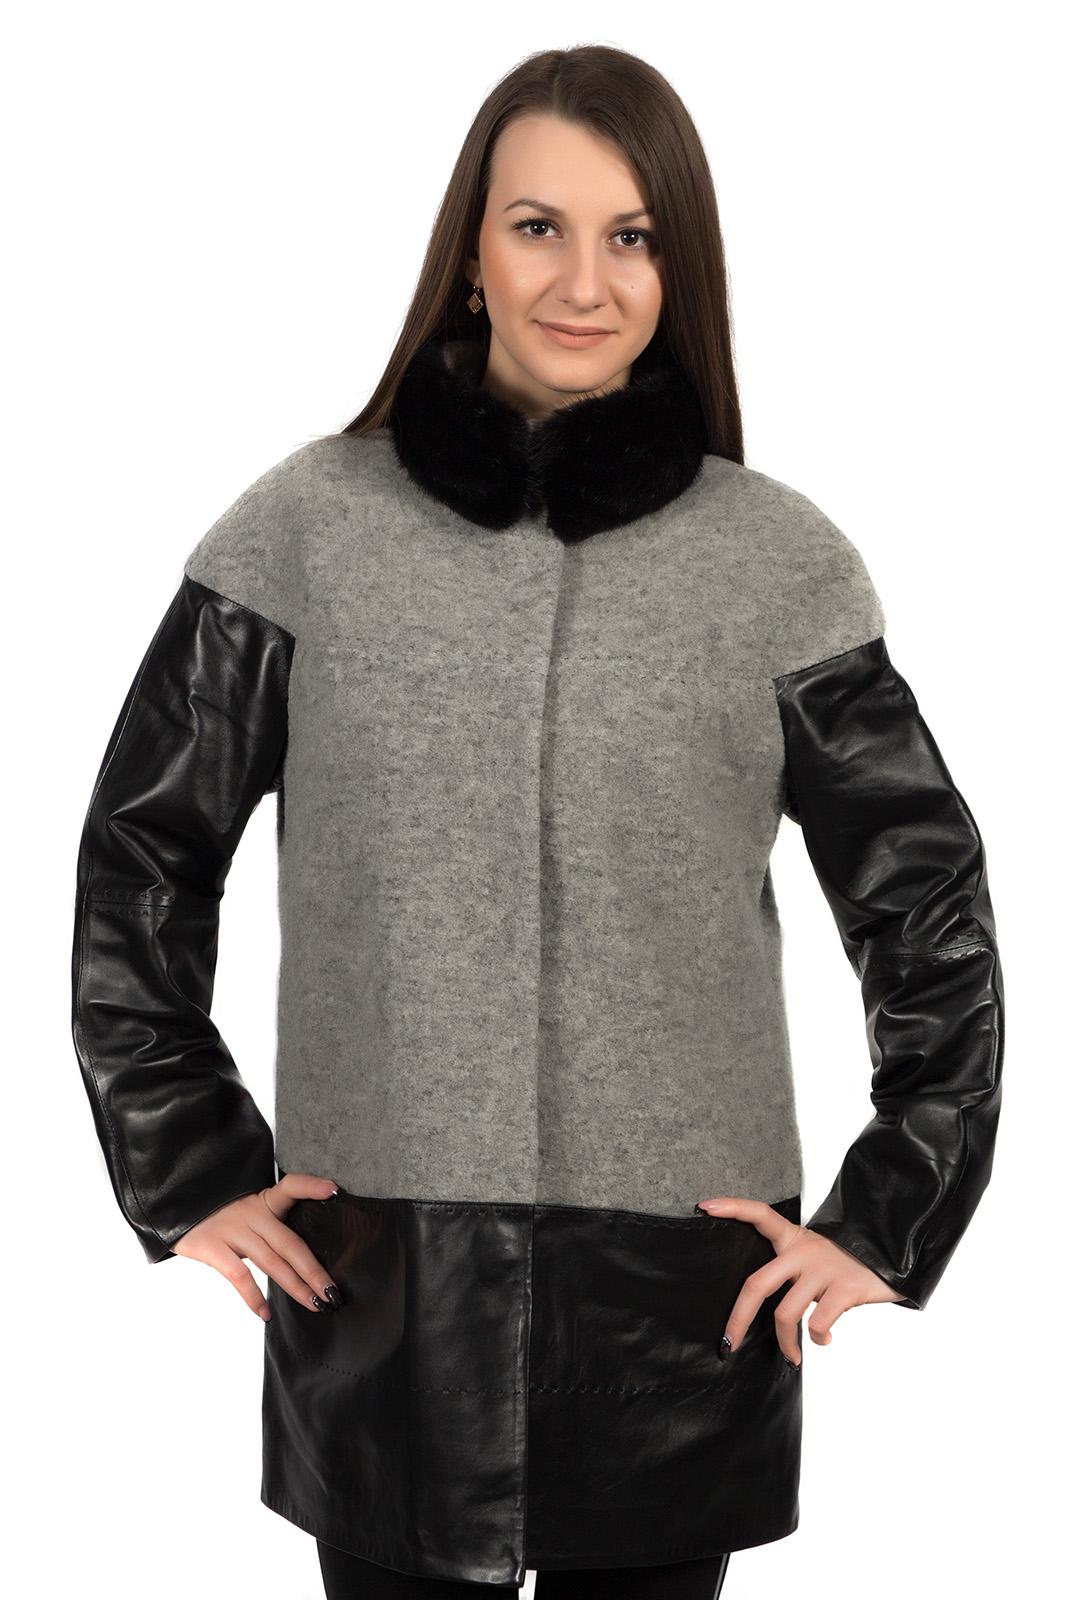 Женское пальто с воротником, отделка норка и натуральная кожаЦвет - серый меланж.<br><br>Пальто с кожаными рукавами - абсолютный хит сезона. Сочетание шерсти и натуральной кожи - великолепная дизайнерская находка. Тандем двух материалов - шерсти и натуральной кожи - создает эффект многослойности и правильную геометрию пальто. Благодаря чему, фигура кажется более вытянутой.<br><br>В дизайне модели используется съемная горжетка из натуральной норки. Мех крепится к воротнику на магниты.<br><br>Застежка пальто выполнена на кнопки. Завершают дизайн невидимые боковые карманы. В качестве украшения используется декоративная прострочка.<br><br>Воротник: стойка<br>Длина см: Средняя (75-89 )<br>Материал: Шерсть<br>Цвет: серый<br>Вид застежки: центральная<br>Застежка: на кнопки<br>Пол: Женский<br>Размер RU: 56